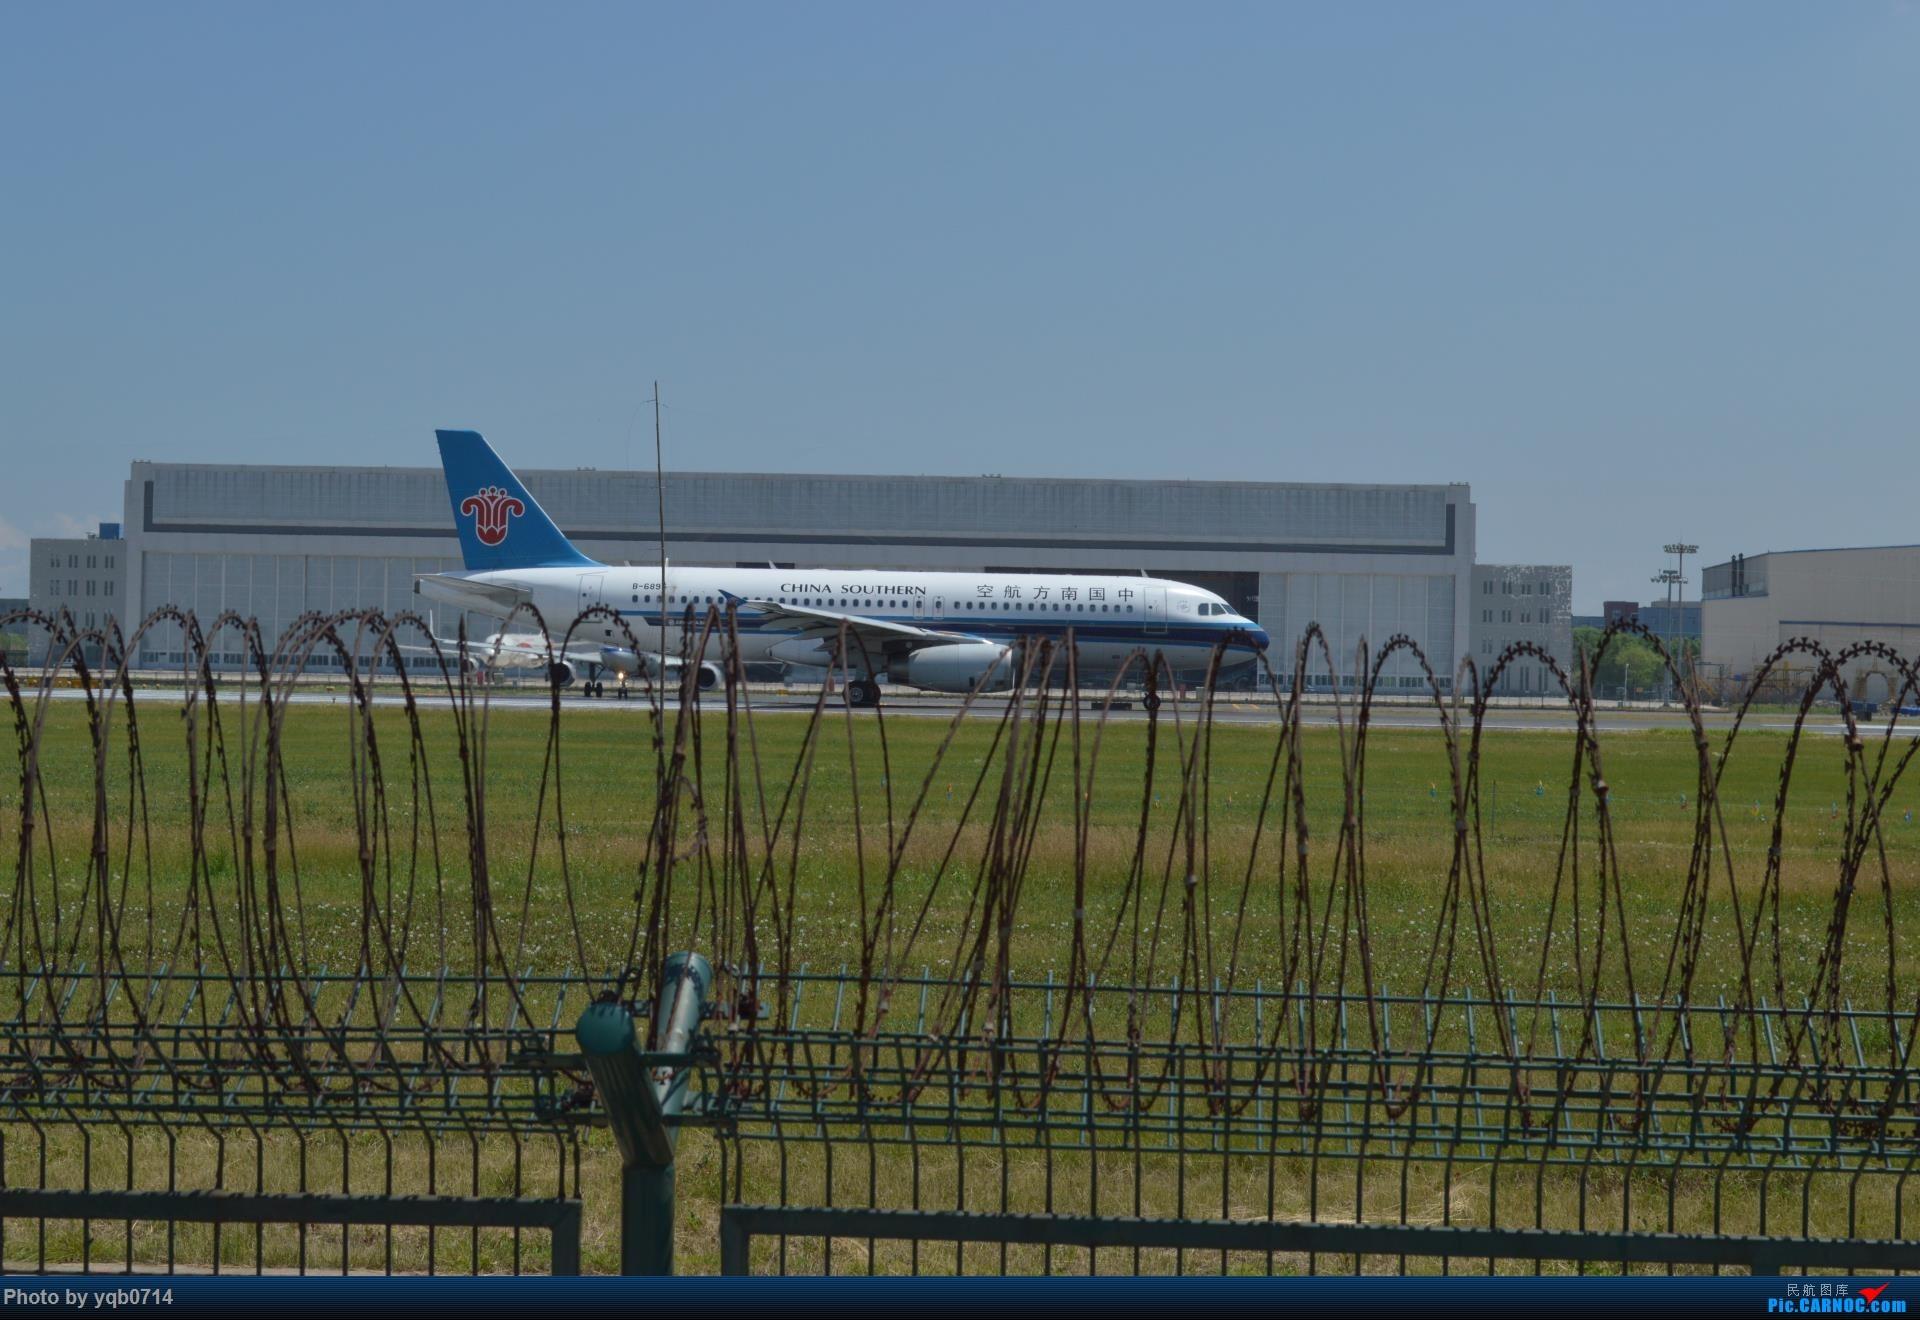 Re:[原创]出来炸道,喜欢星空联盟的小反!!!! AIRBUS A320-200 B-6896 沈阳桃仙